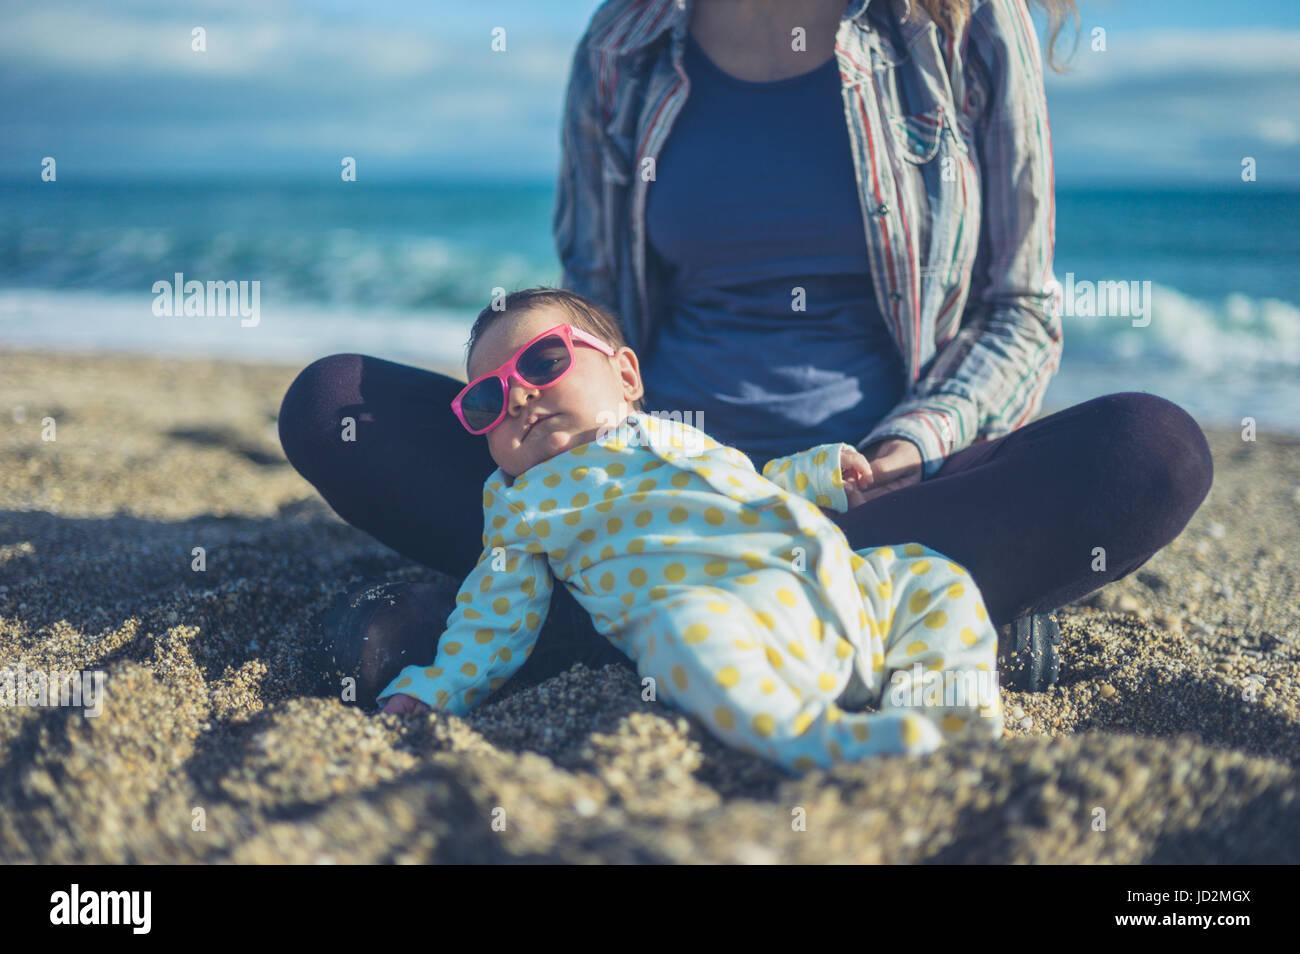 Un bebé es fresco con gafas de sol y relajándose en la playa con su madre Imagen De Stock